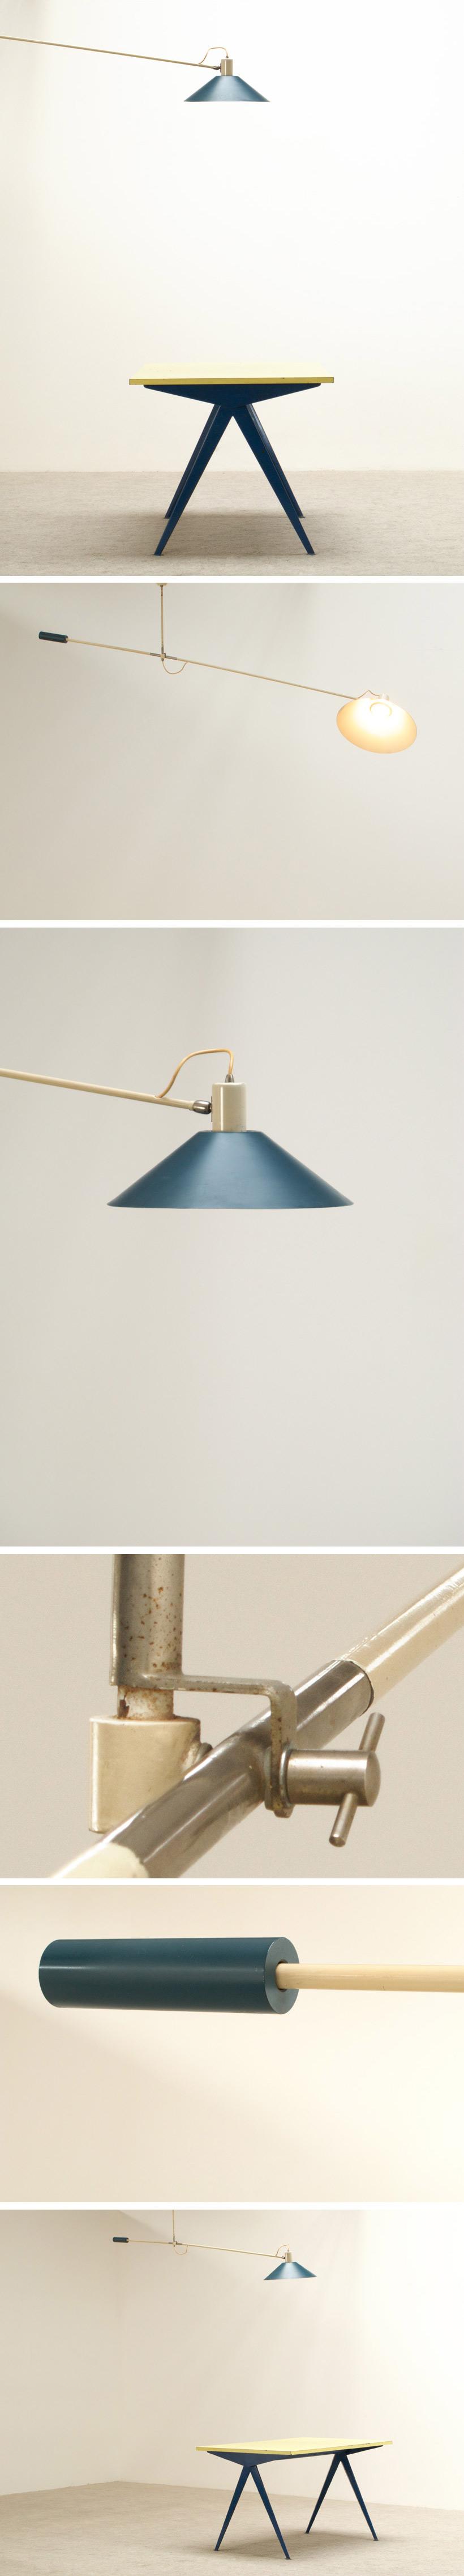 J.J.M. Hoogervorst Counter balance lamp for Anvia Large